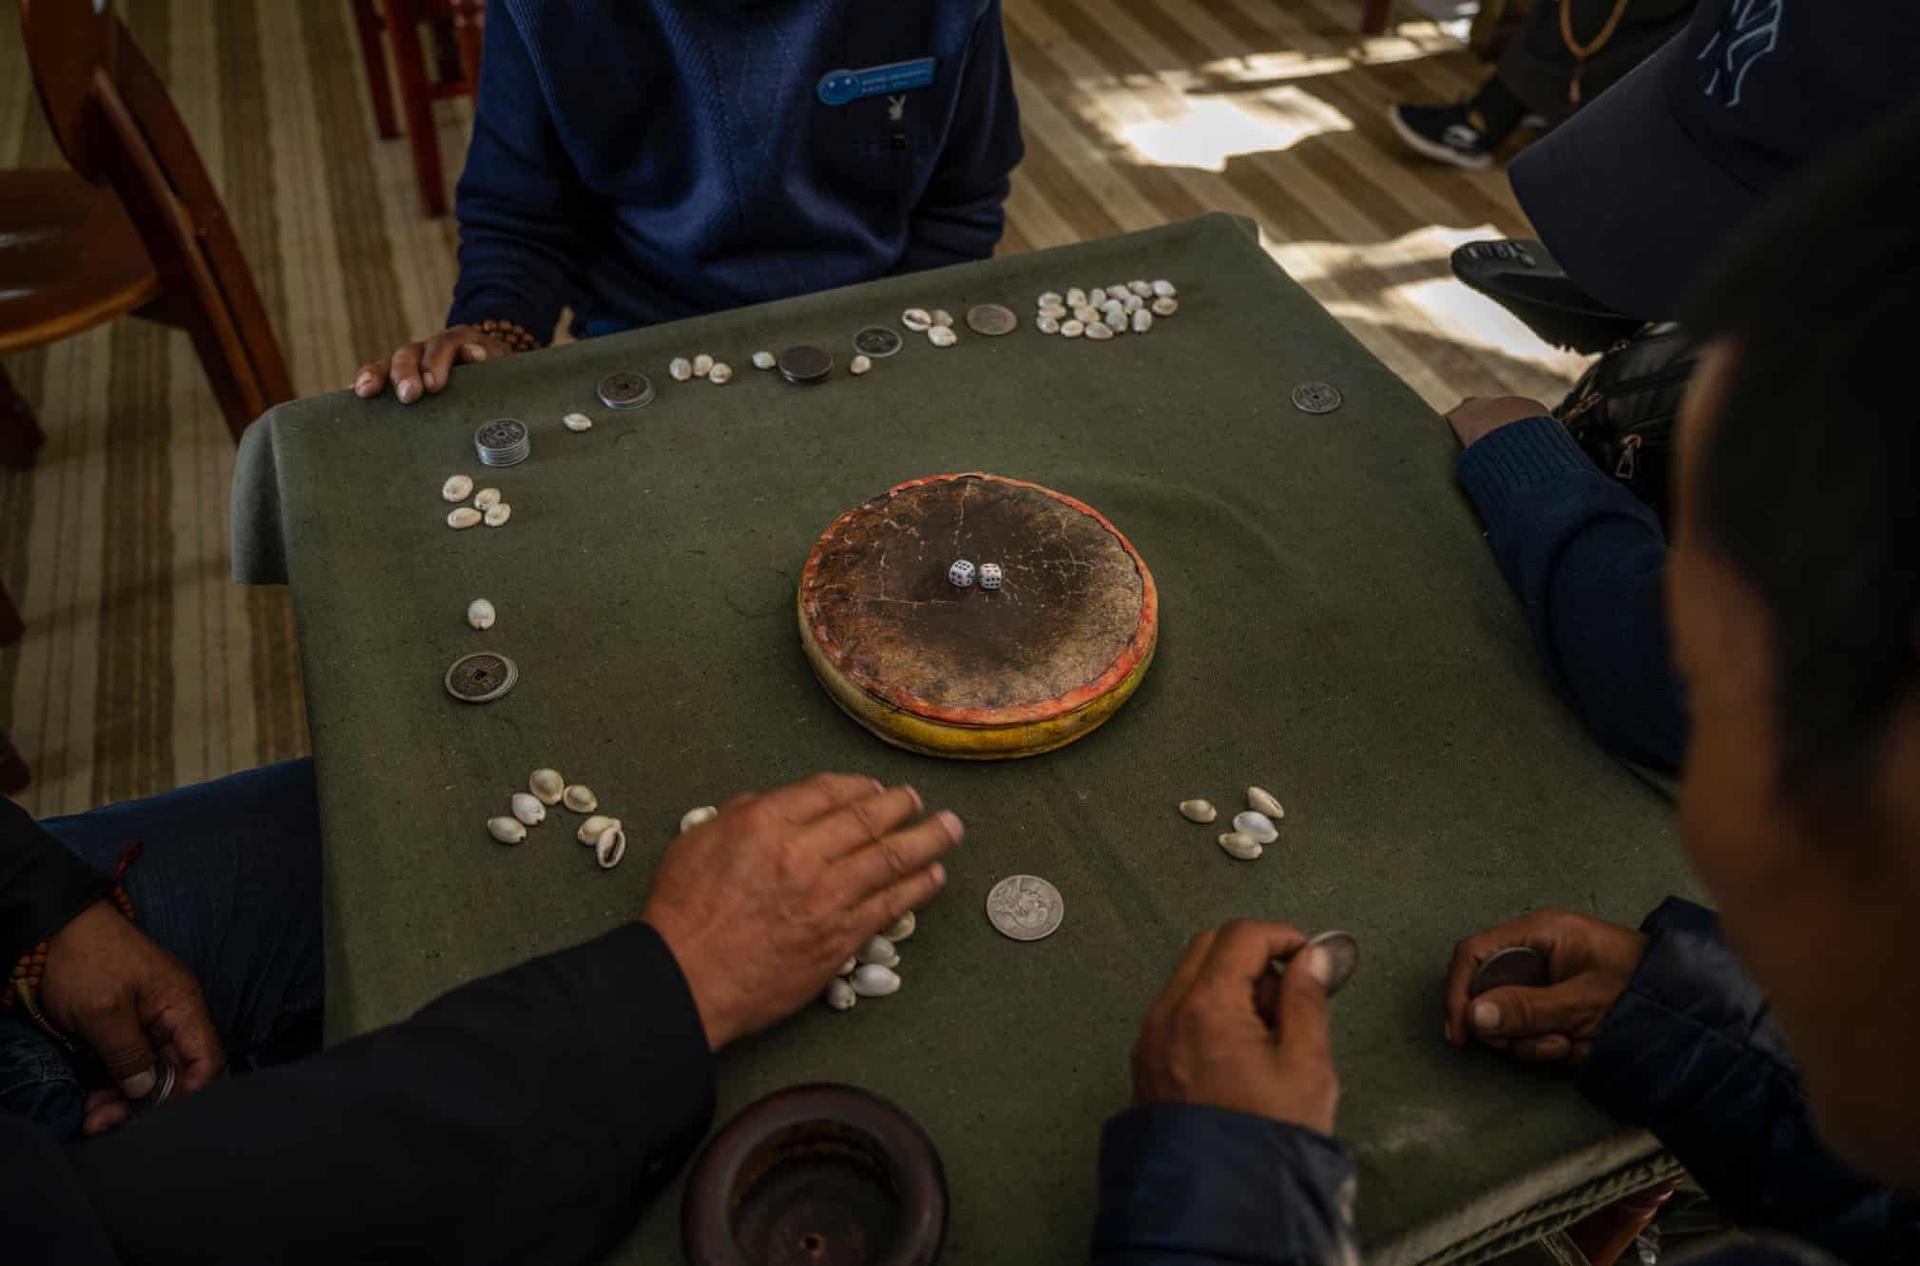 """Những người này đang chơi một trò chơi truyền thống của Tây Tạng tại viện dưỡng lão Caigongtang. Trò này có tên là """"sho"""" và thường được những người đàn ông chơi cược tiền."""